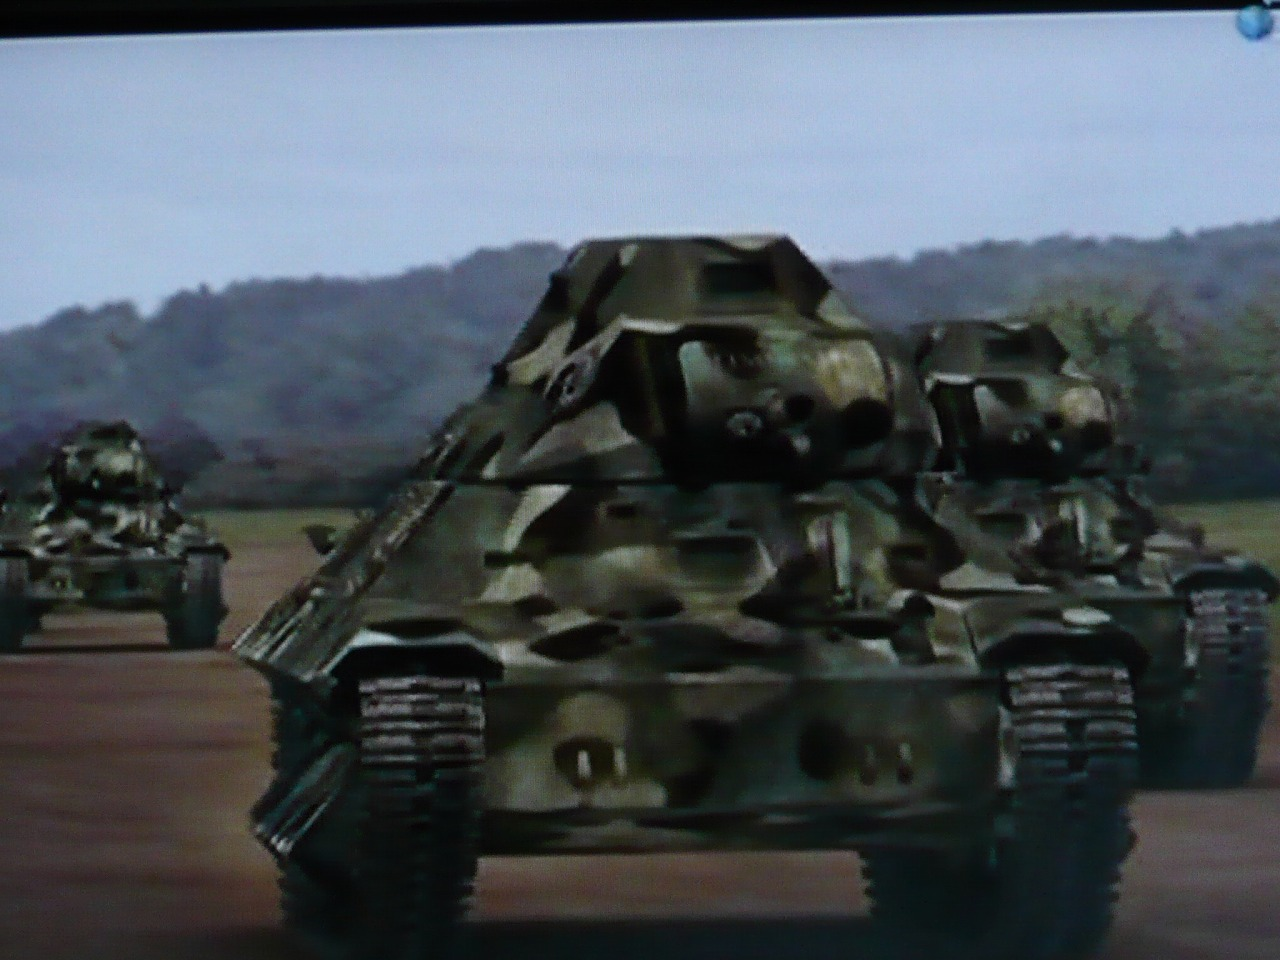 ボービントンのティーガーⅠ  ( タイガー戦車) Tiger Tank 131 at Bovington